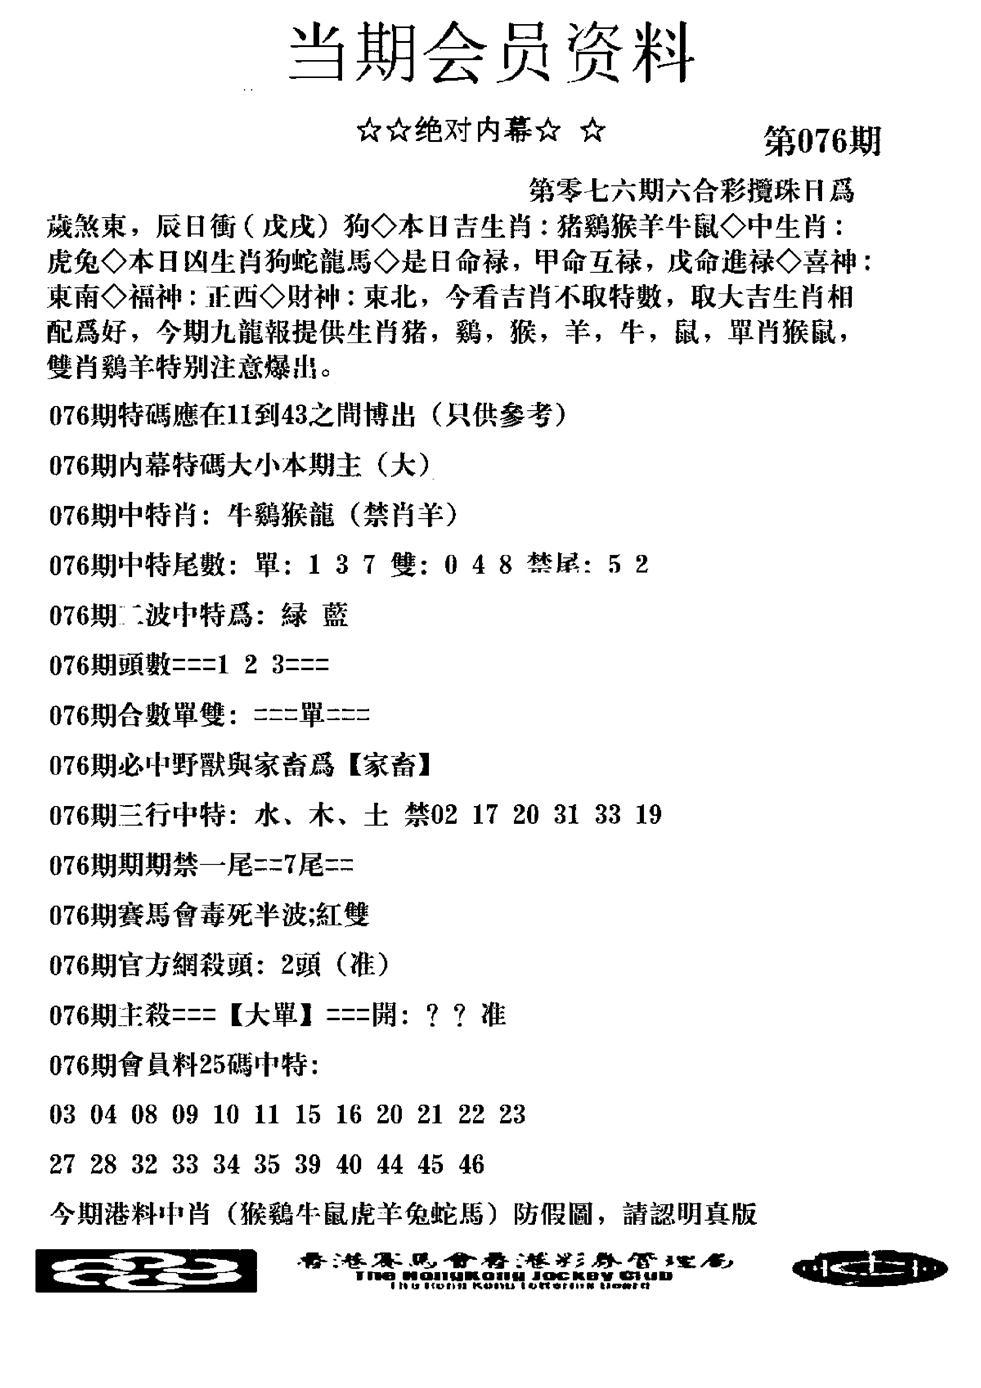 076期当期会员资料图(黑白)